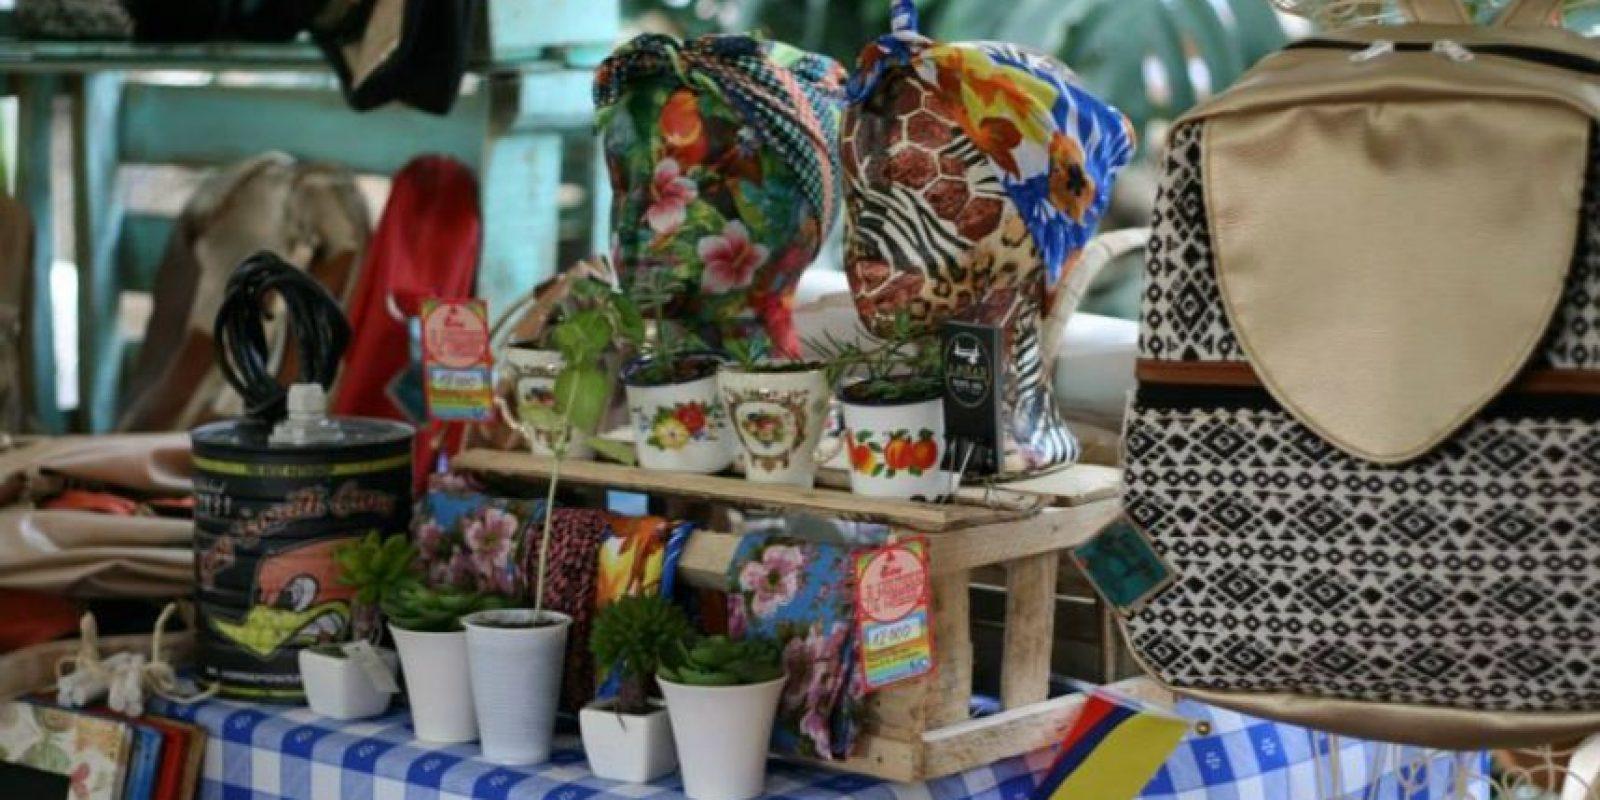 Natural Bazar, un evento en el que artistas y creativos independientes de Medellín en el Parque Cultural MAMM Ciudad del Río. Foto:Tomada de Facebook Bazar de artistas y creativos